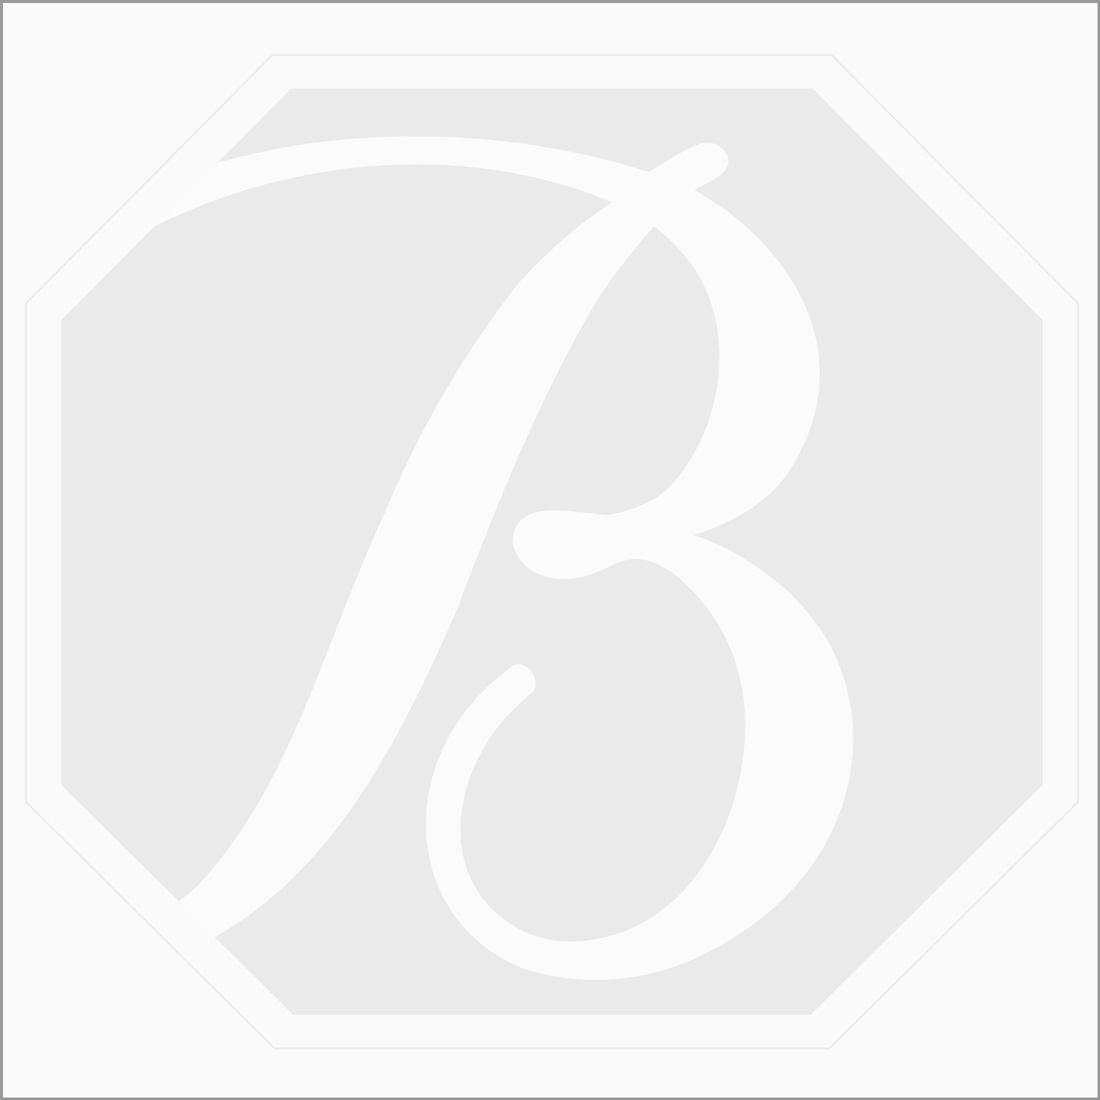 1 pc   - Dark Green Tourmaline Rose Cut - 4.65 ct. - 15.6 x 10.5 x 3.3 mm (TRC1006)